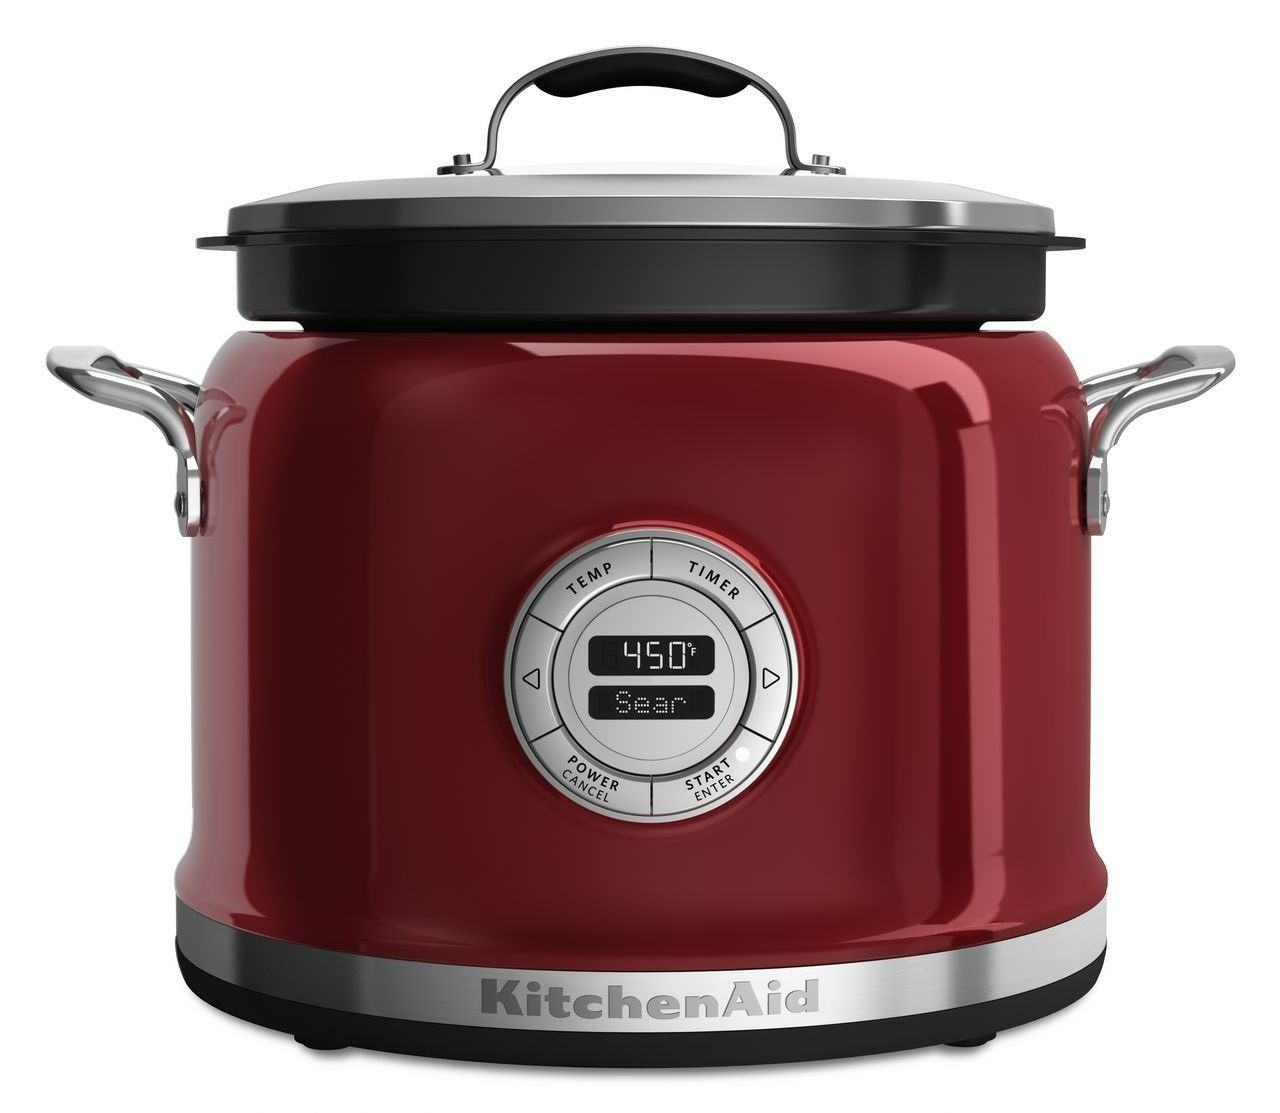 bbd32fbb8b066b95af3a0b570f8cc584 Kitchenaid Rice Cooker Red